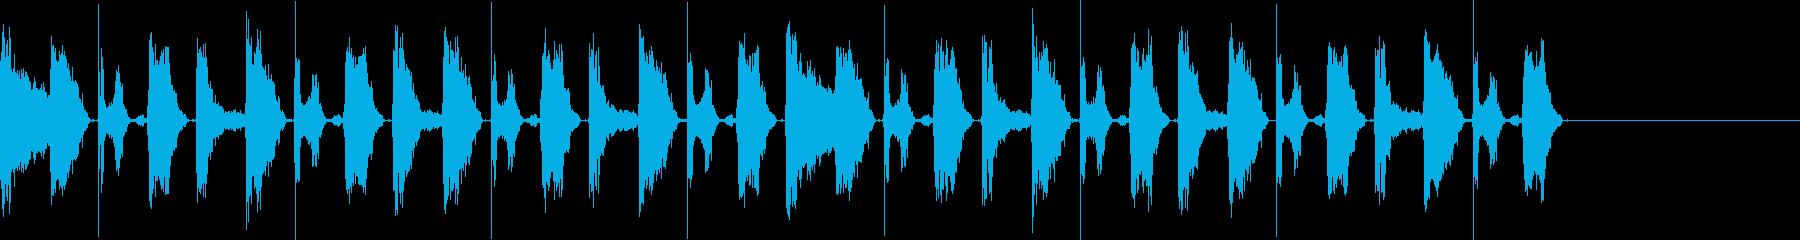 ボイスパーカッションでの8ビートのバリ…の再生済みの波形